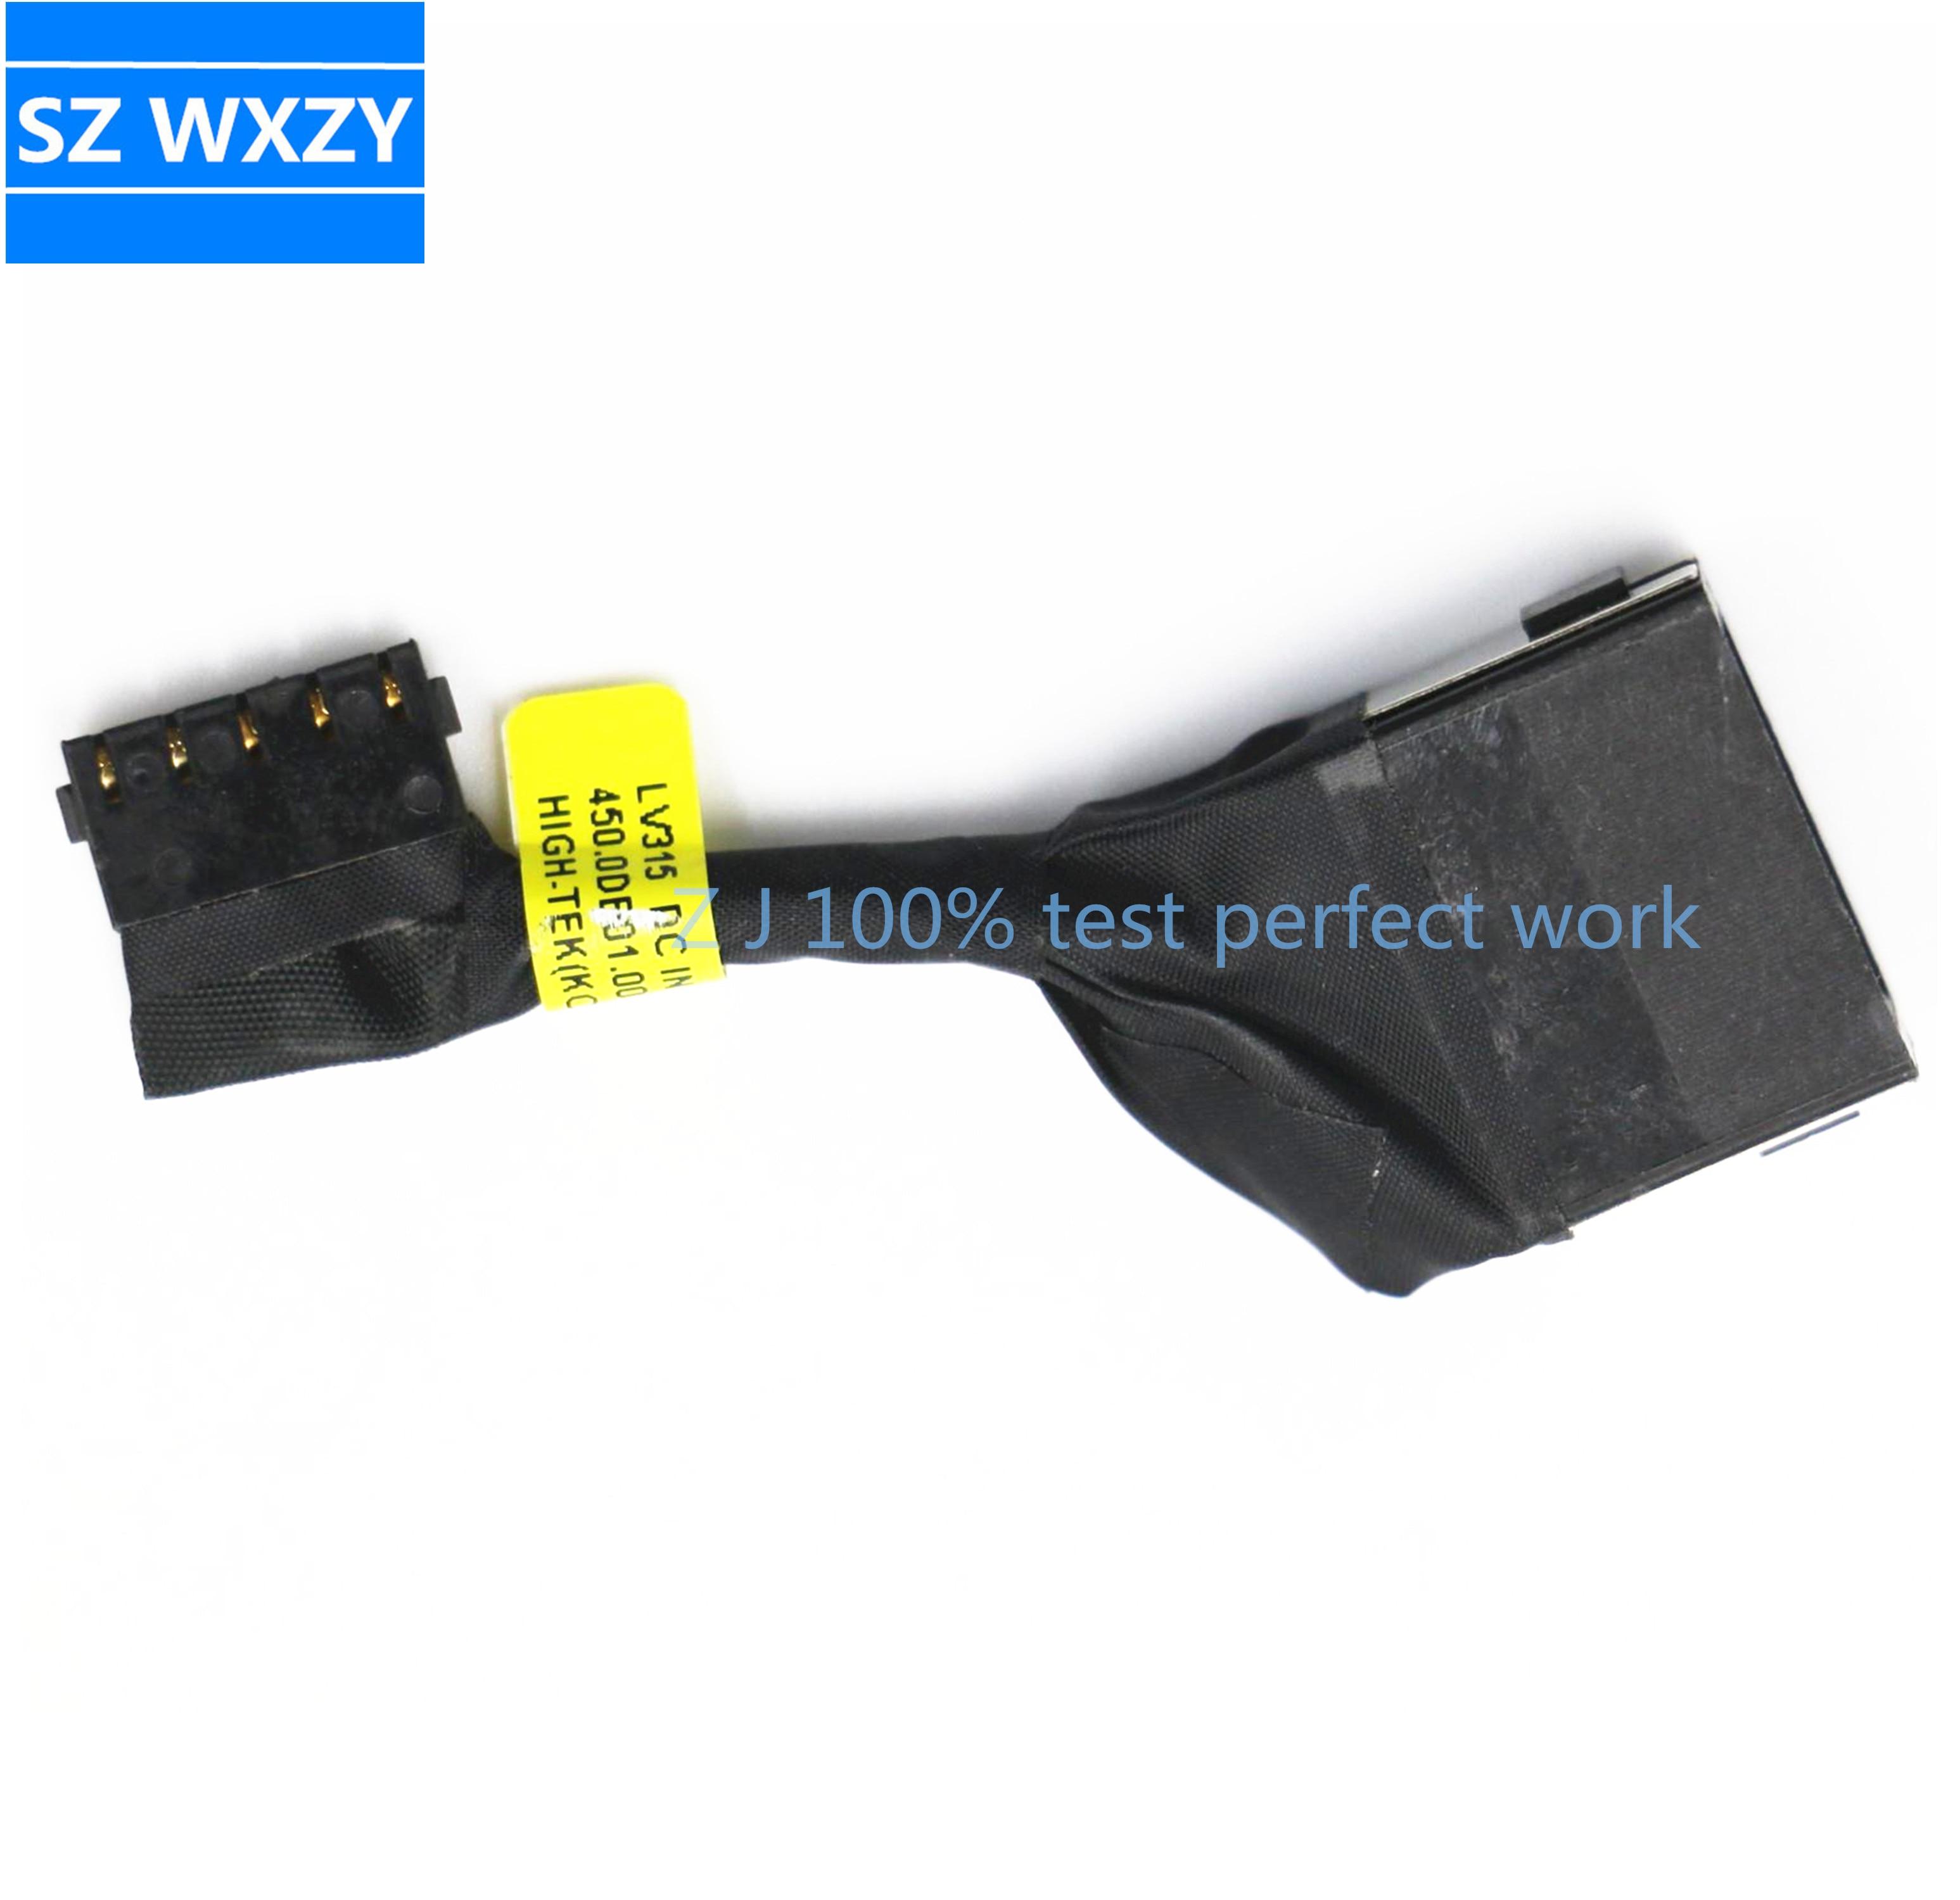 Для Lenovo V130-15IGM V130-15IKB V330-15ISK V330-15IKB Разъем питания постоянного тока Разъем зарядный кабель 450.0DB01.0011 450.0DB01.0001